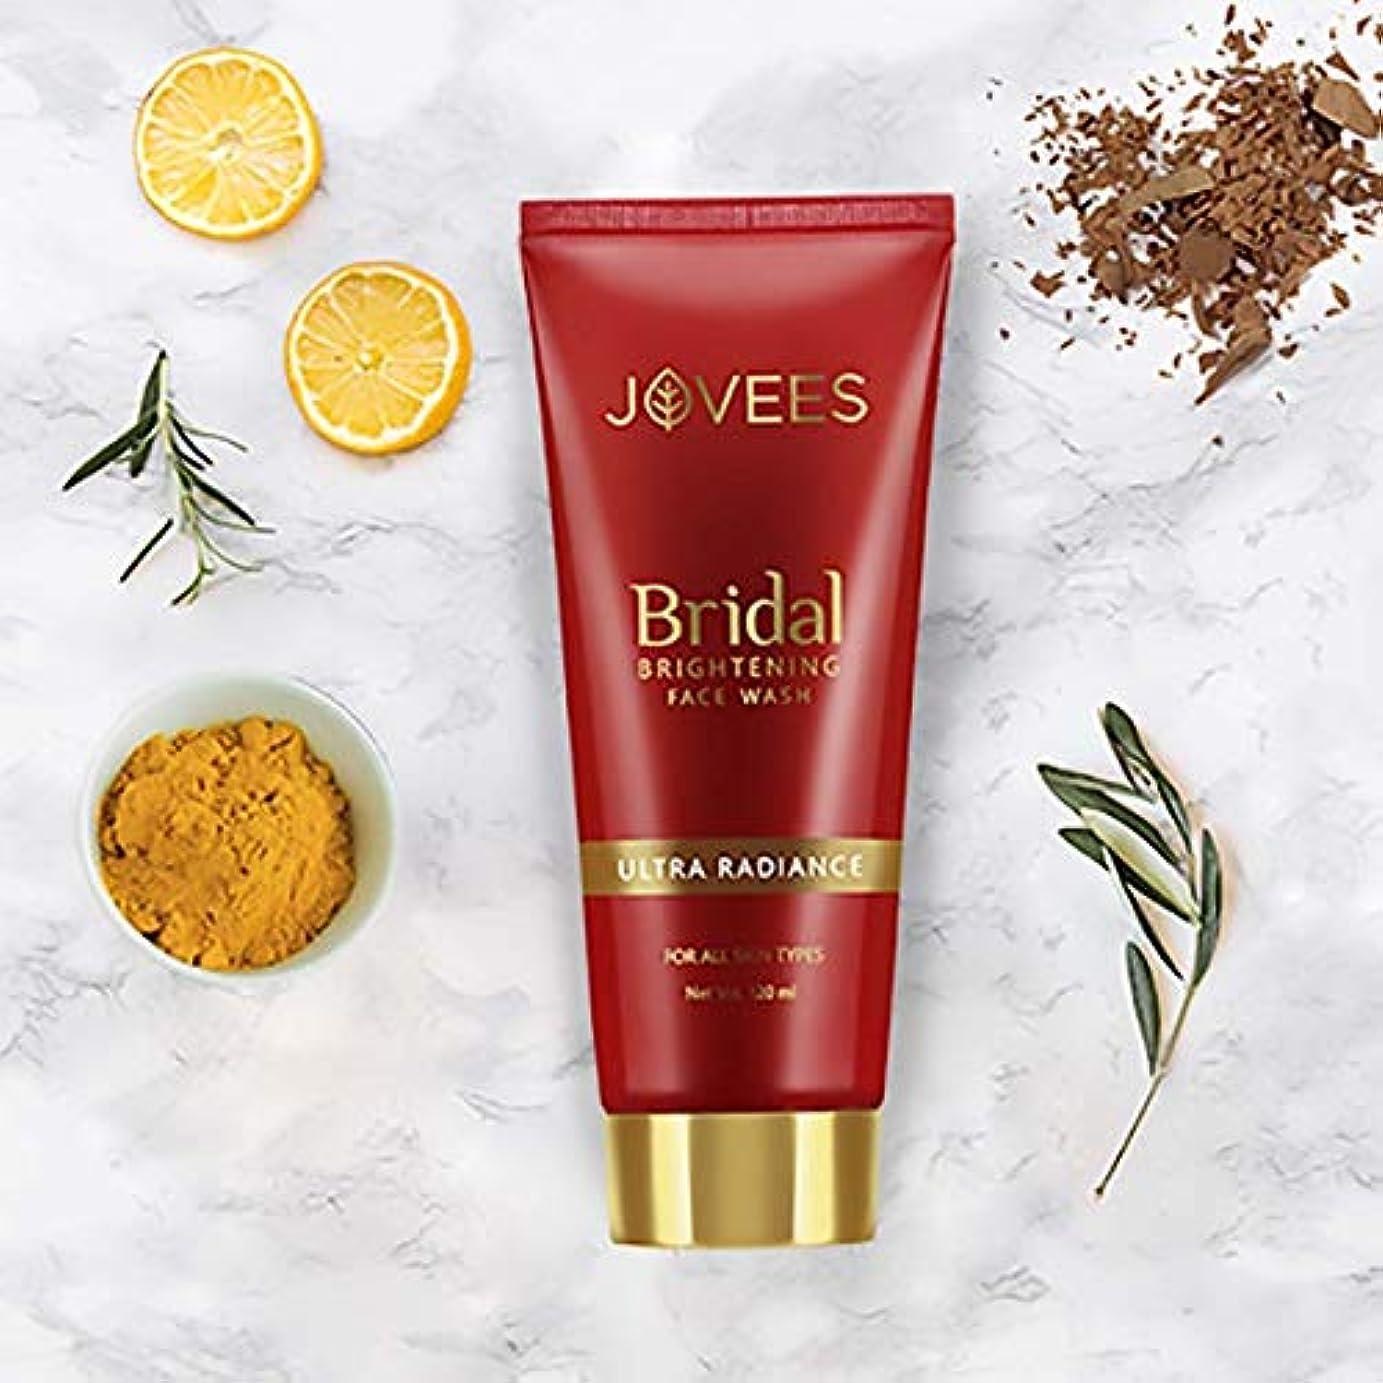 衝動踊り子エーカーJovees Bridal Brightening Face Wash 120ml Ultra Radiance Even & brighter complex